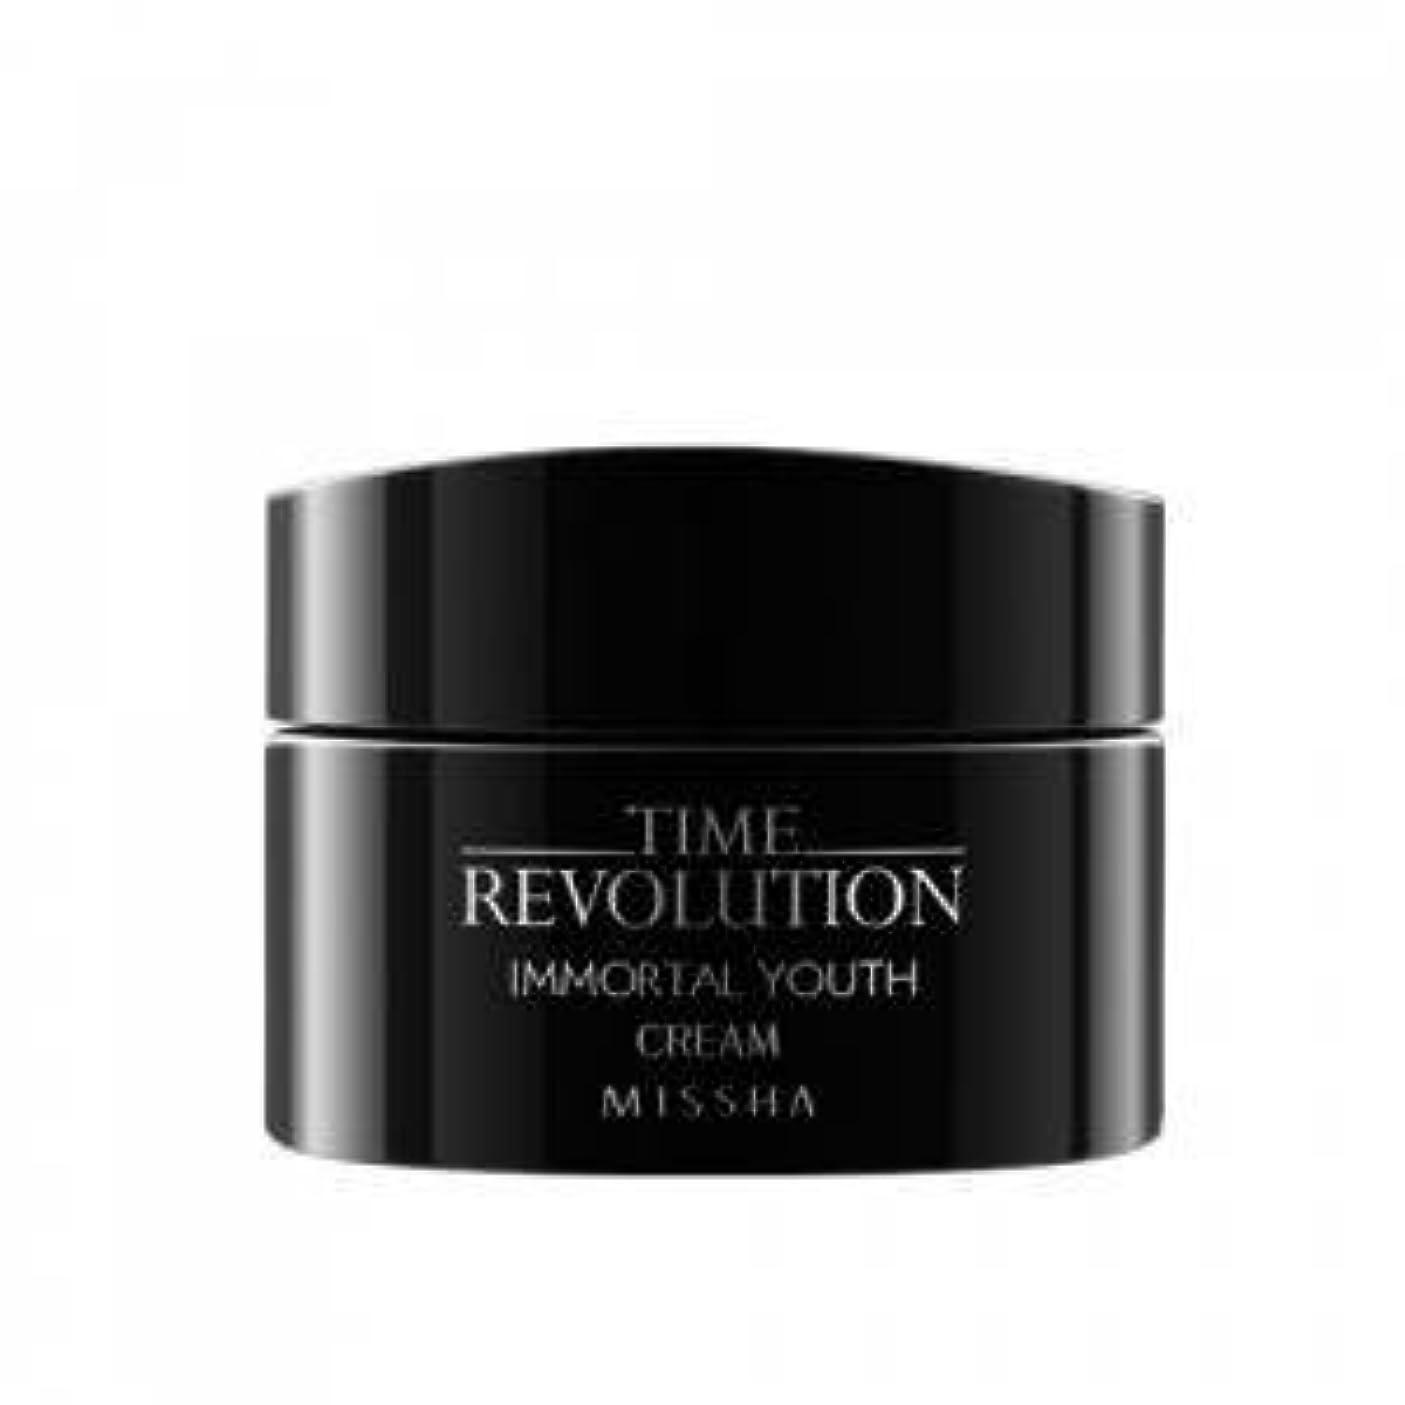 言うまでもなく着替える熟す【MISSHA (ミシャ)】 Time Revolution Immortal Youth Cream タイムレボリューション イモータルユース クリーム